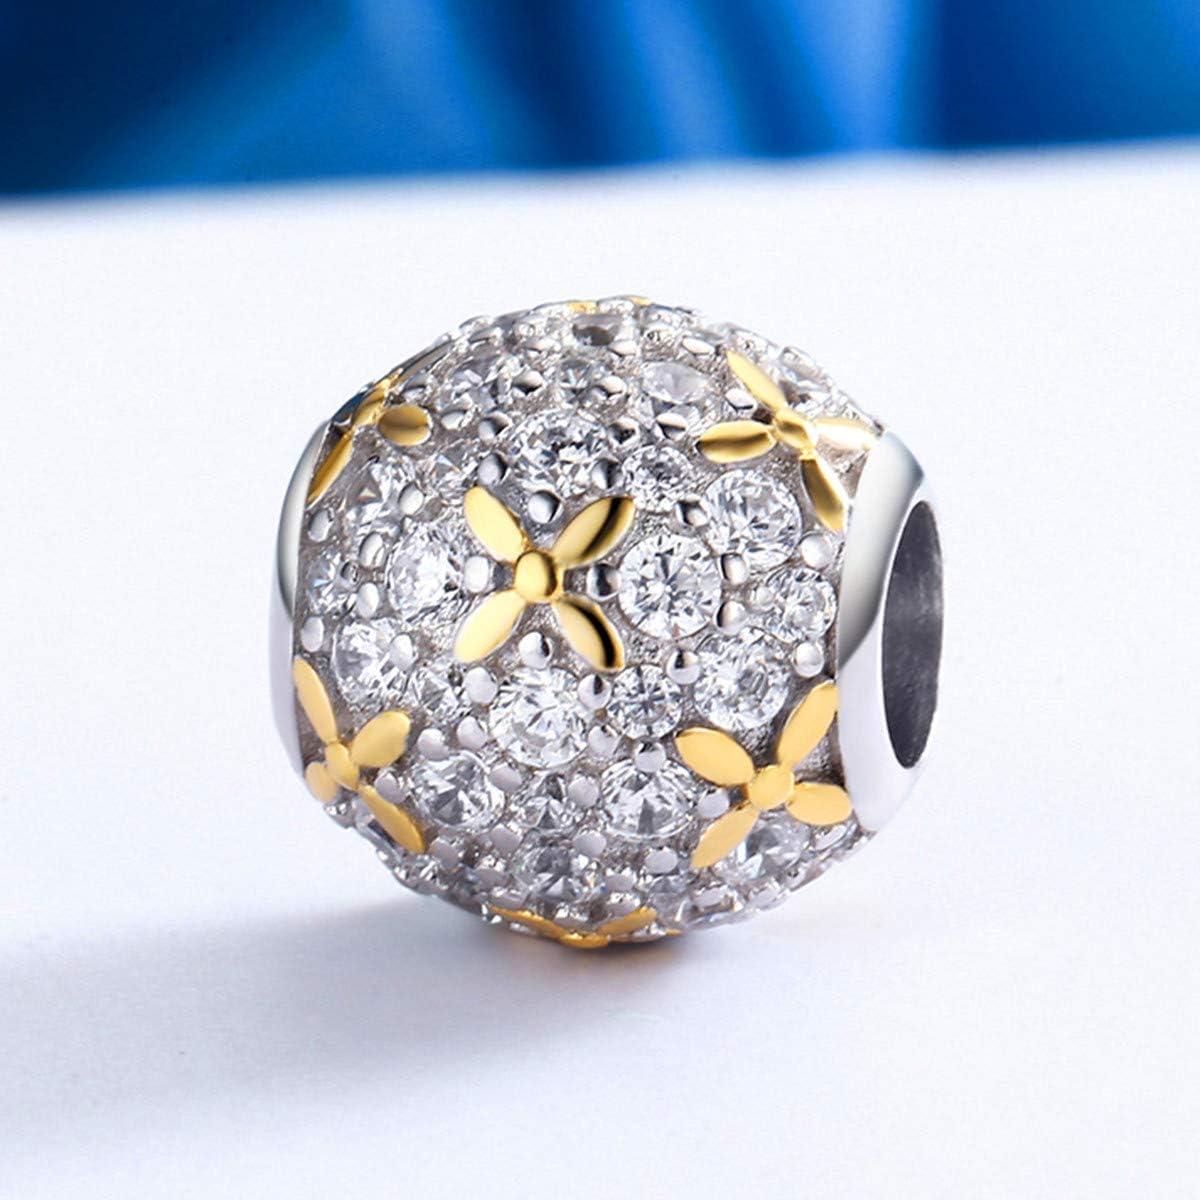 EMEMcharm Charms et Perles Argent 925 Fleur Drops Plaqu/é Or Zircones